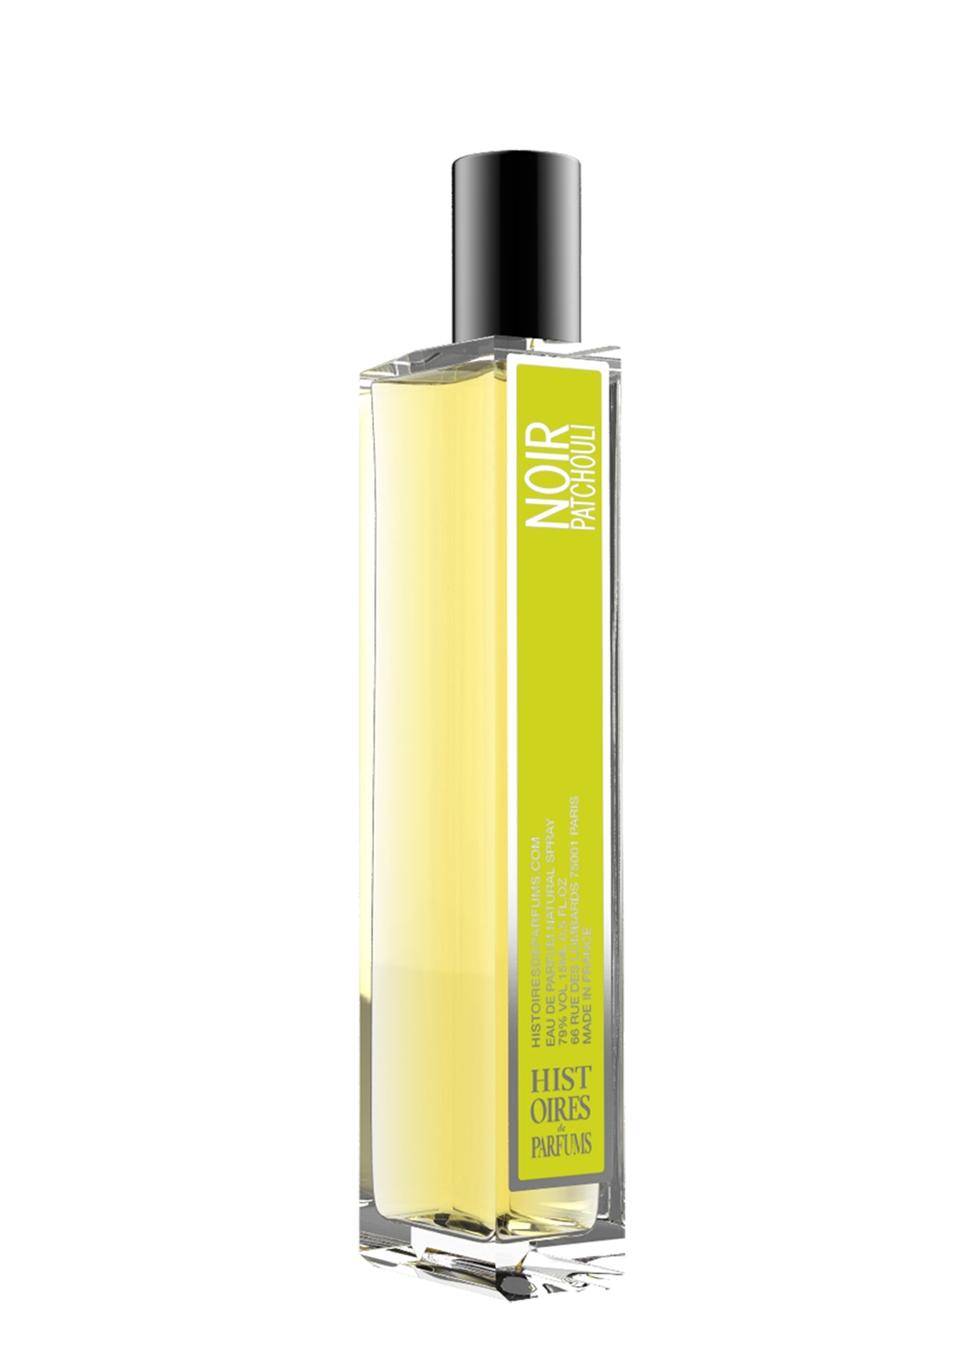 Noir Patchouli Eau De Parfum 15ml - Histoires de Parfums